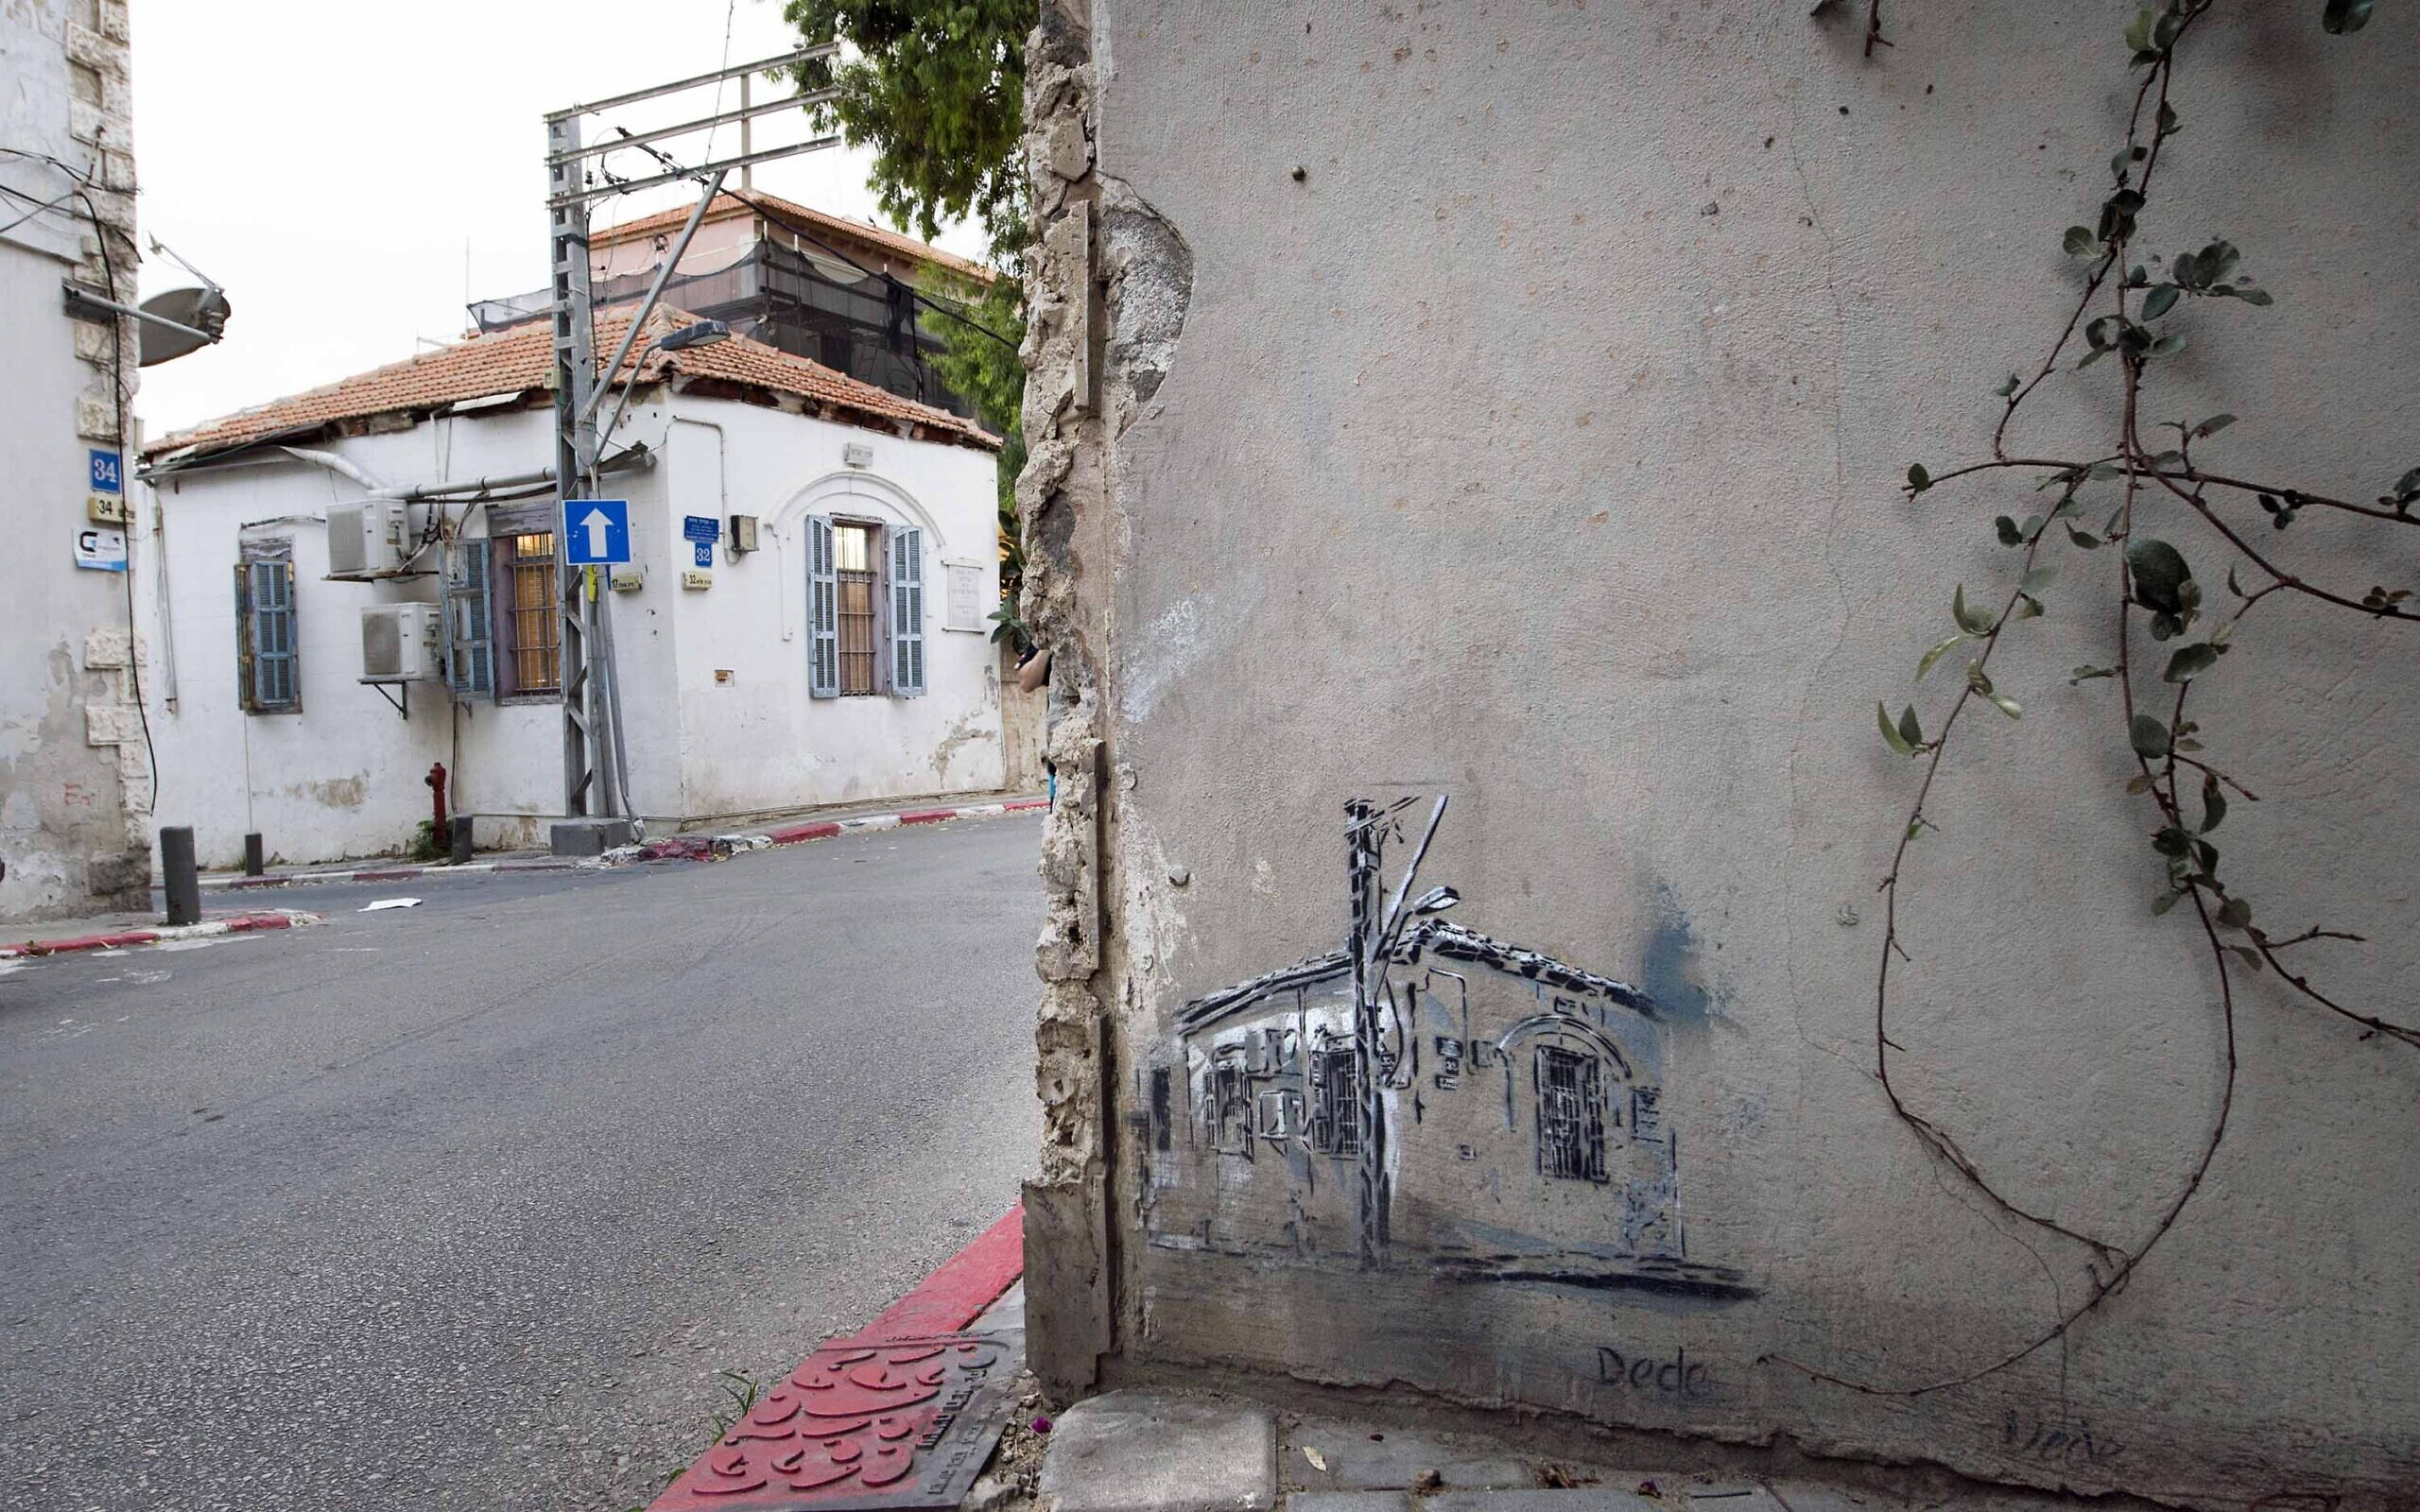 Street art in Tel Aviv by Dede. (Lord K2)